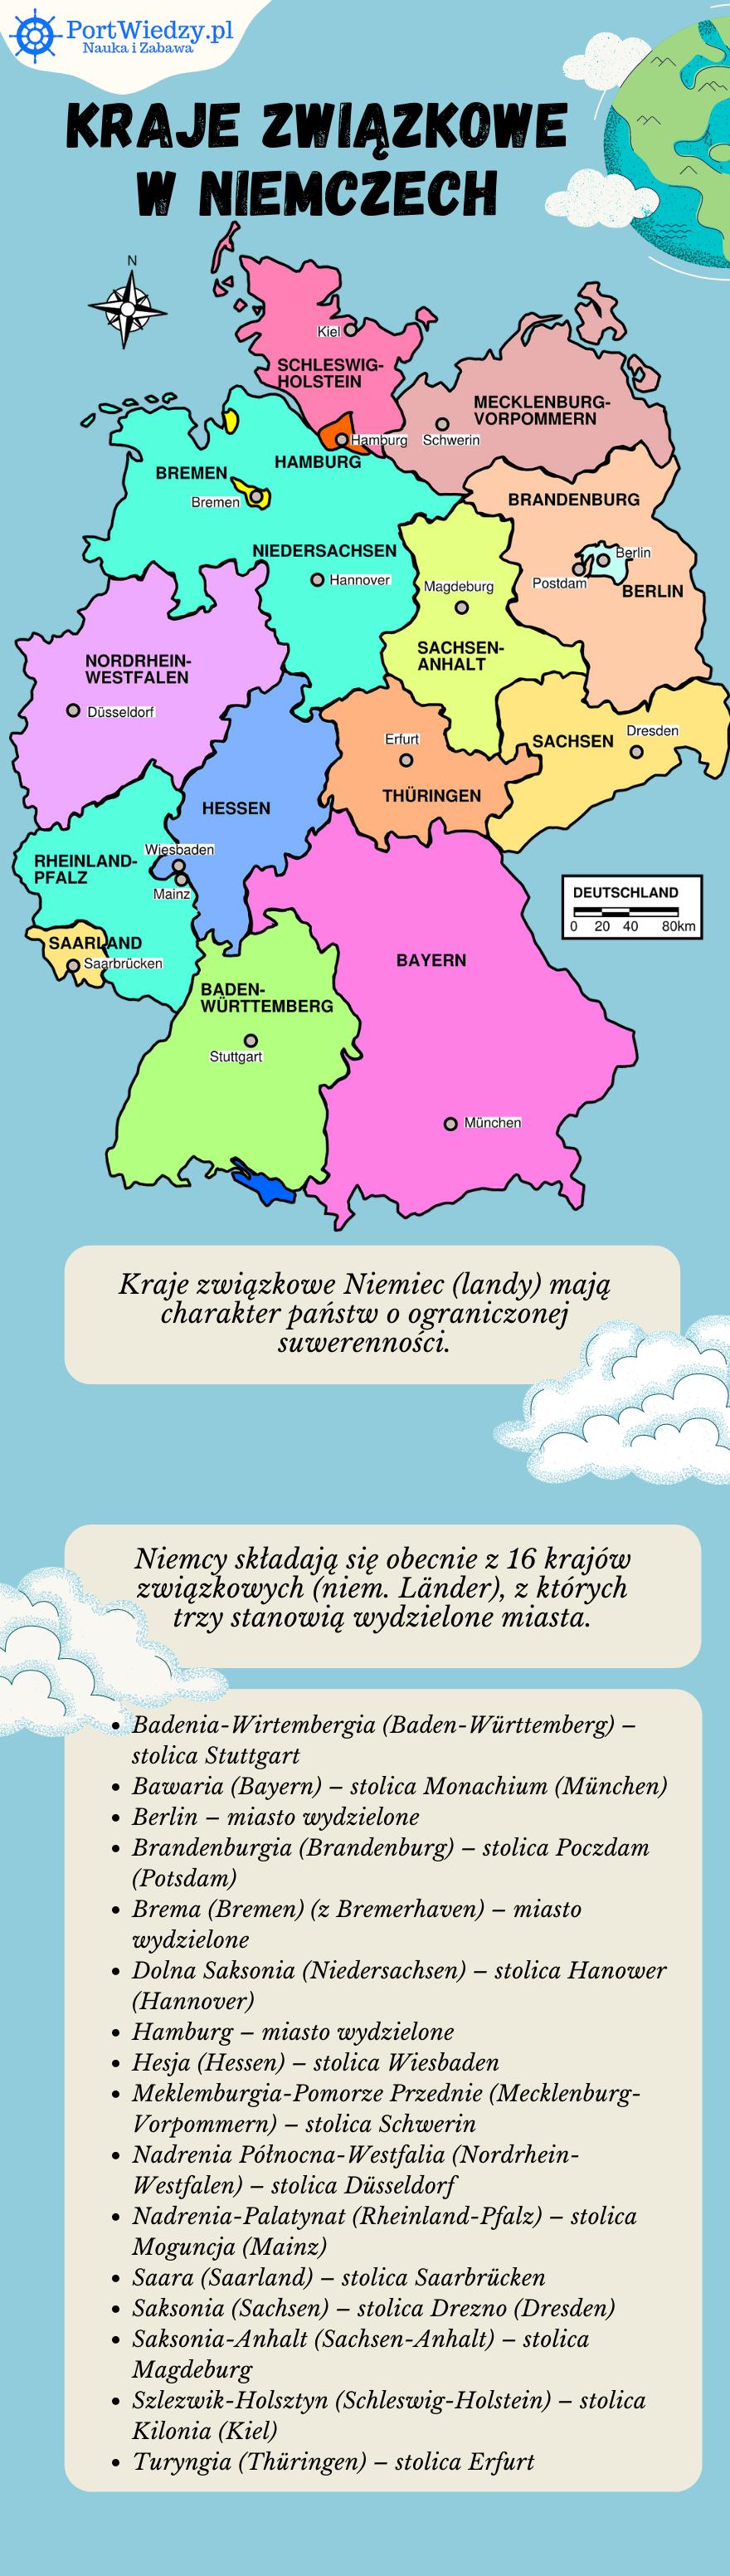 kraje zwiazkowe niemcy - kraje_związkowe_niemcy